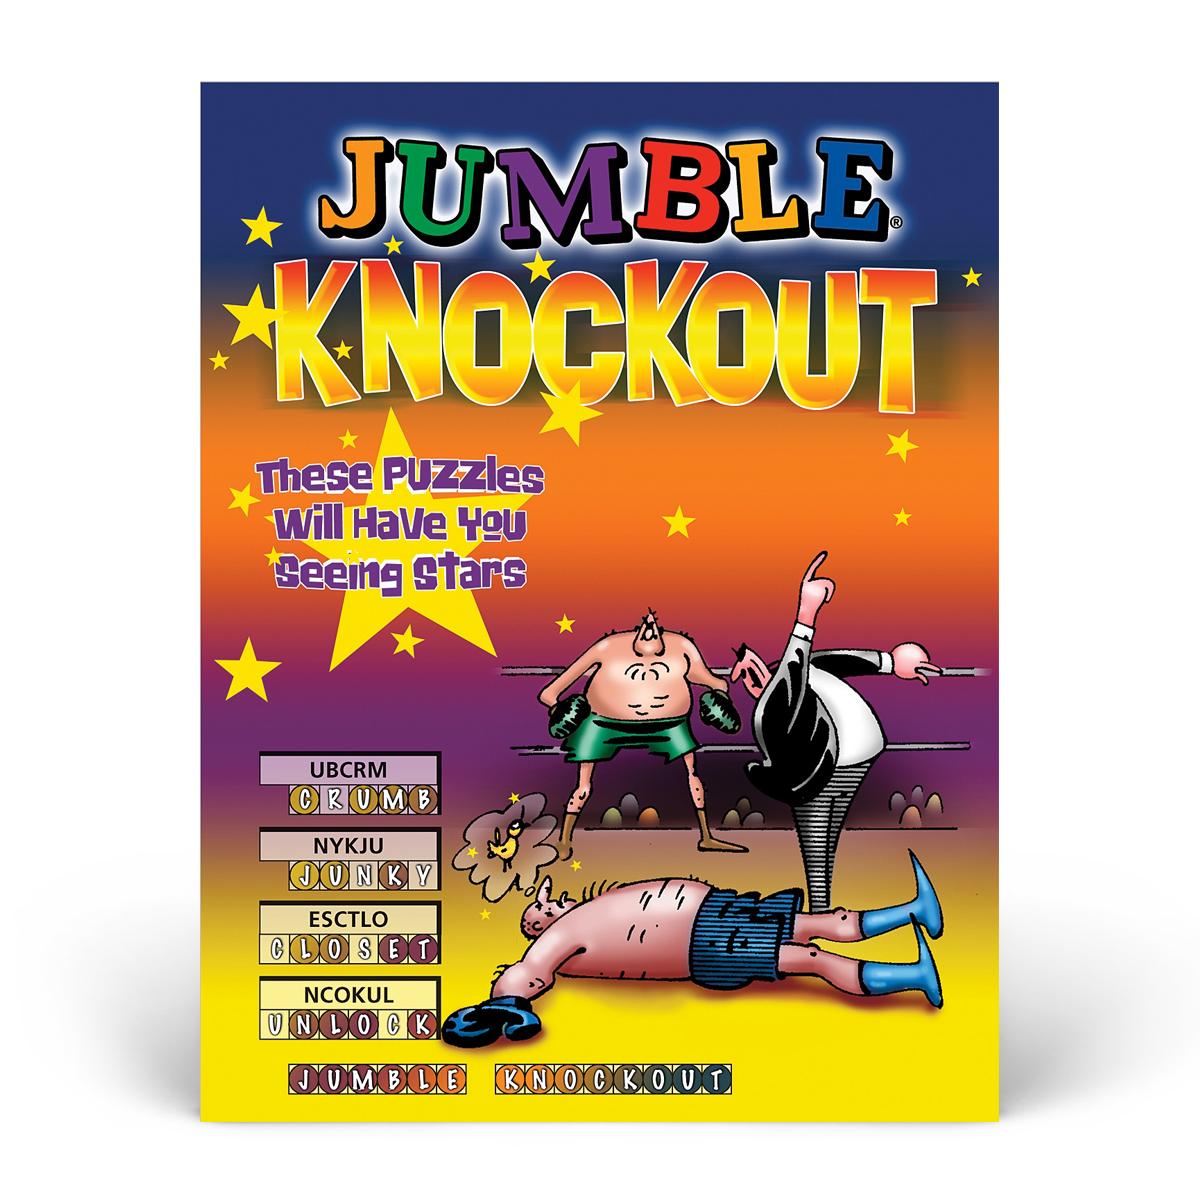 Jumble! Knockout